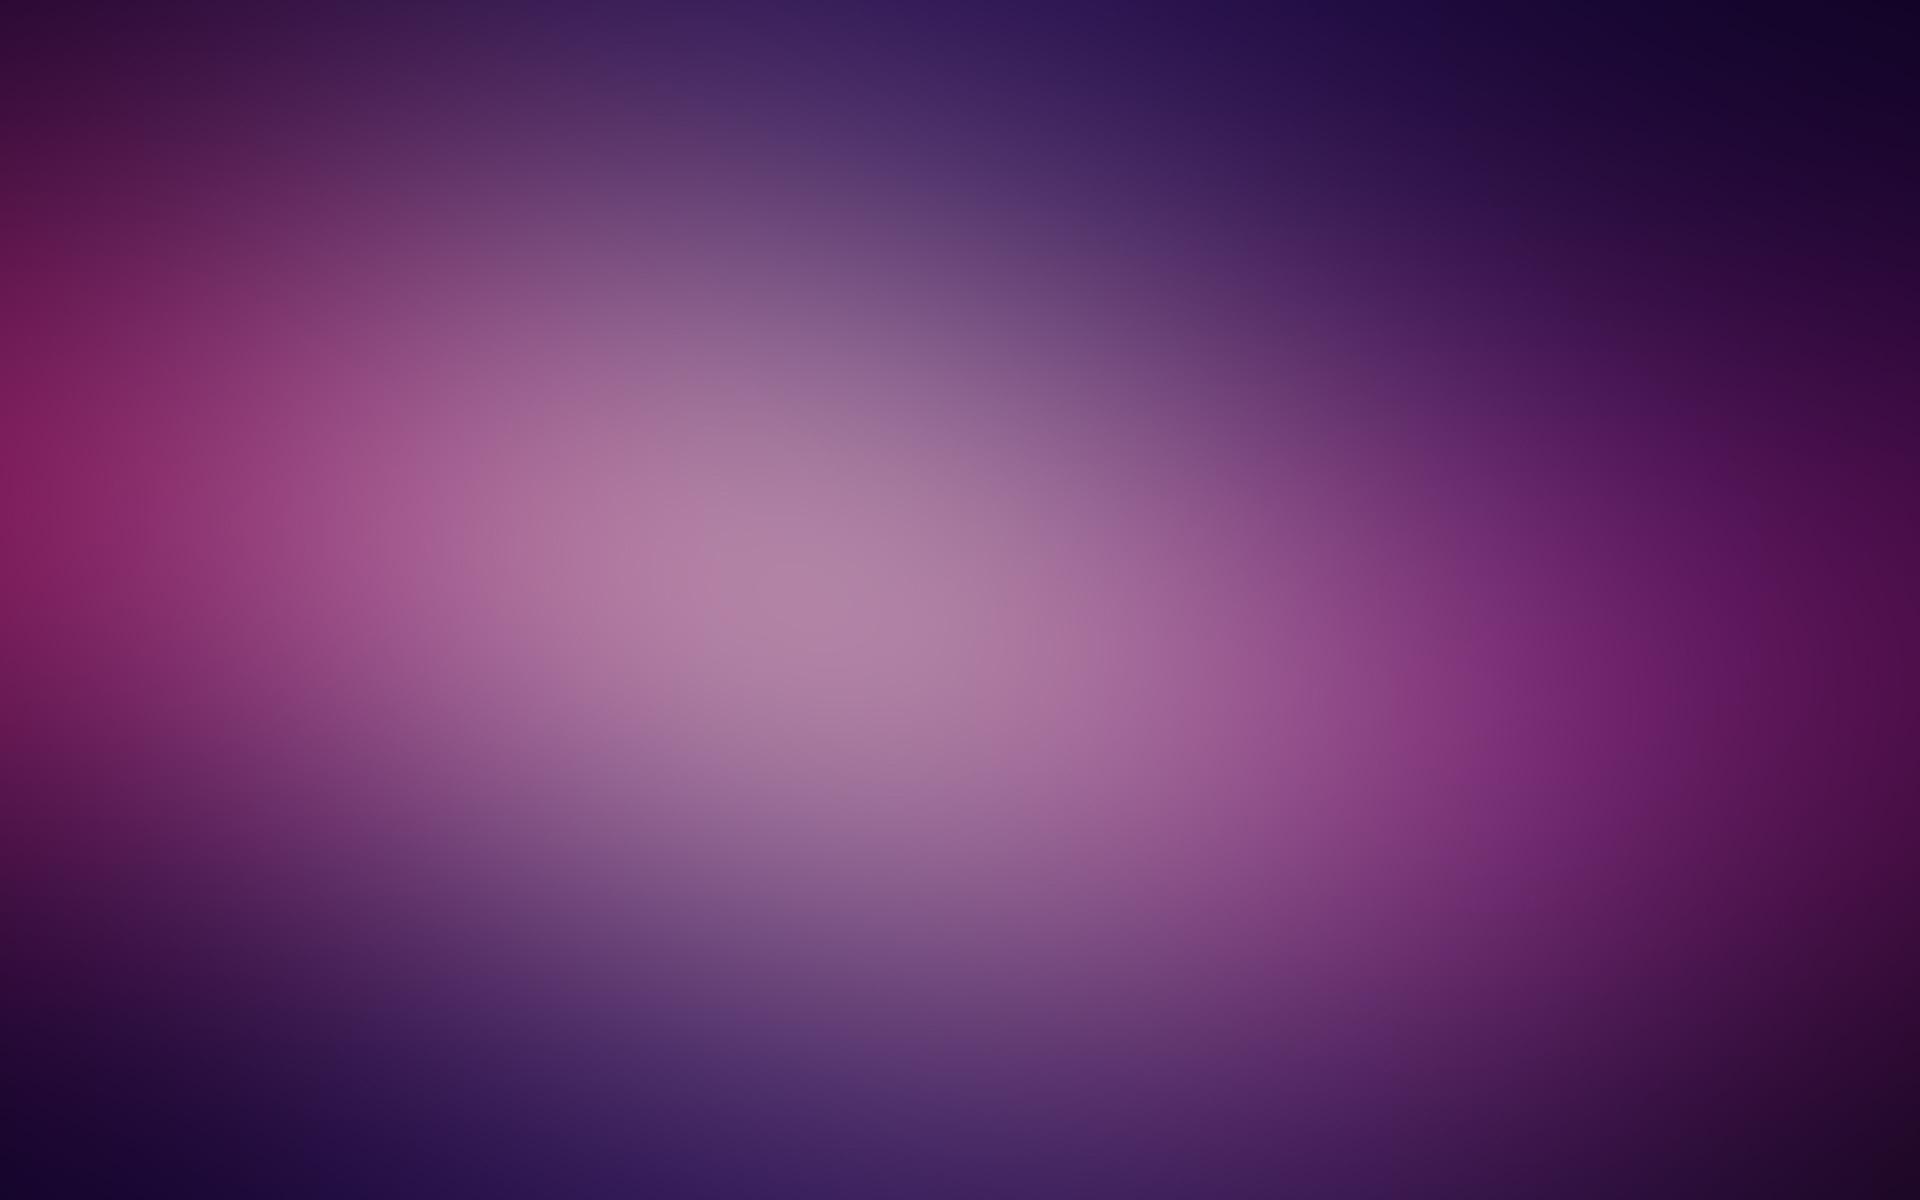 48894 скачать Фиолетовые обои на телефон бесплатно, Фон Фиолетовые картинки и заставки на мобильный